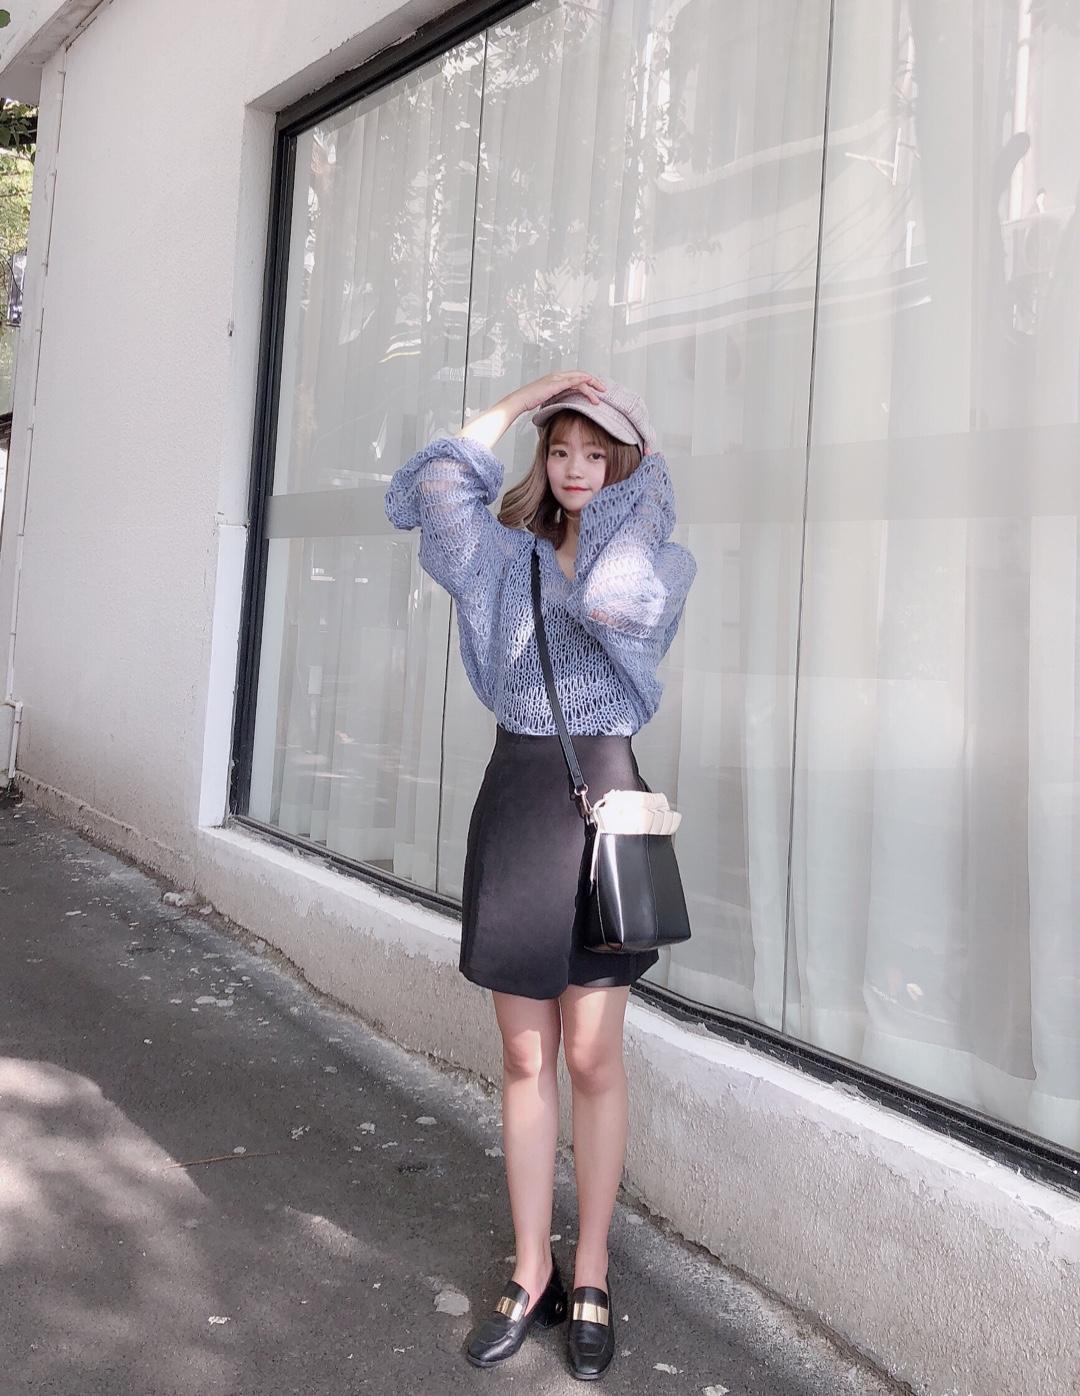 #这条半身裙,专治腿粗~#  薄薄的针织衫来辽!搭配半裙很温柔哦~ 很适合小个子的一套 甜甜的感觉~ 搭配八角帽很韩范哦